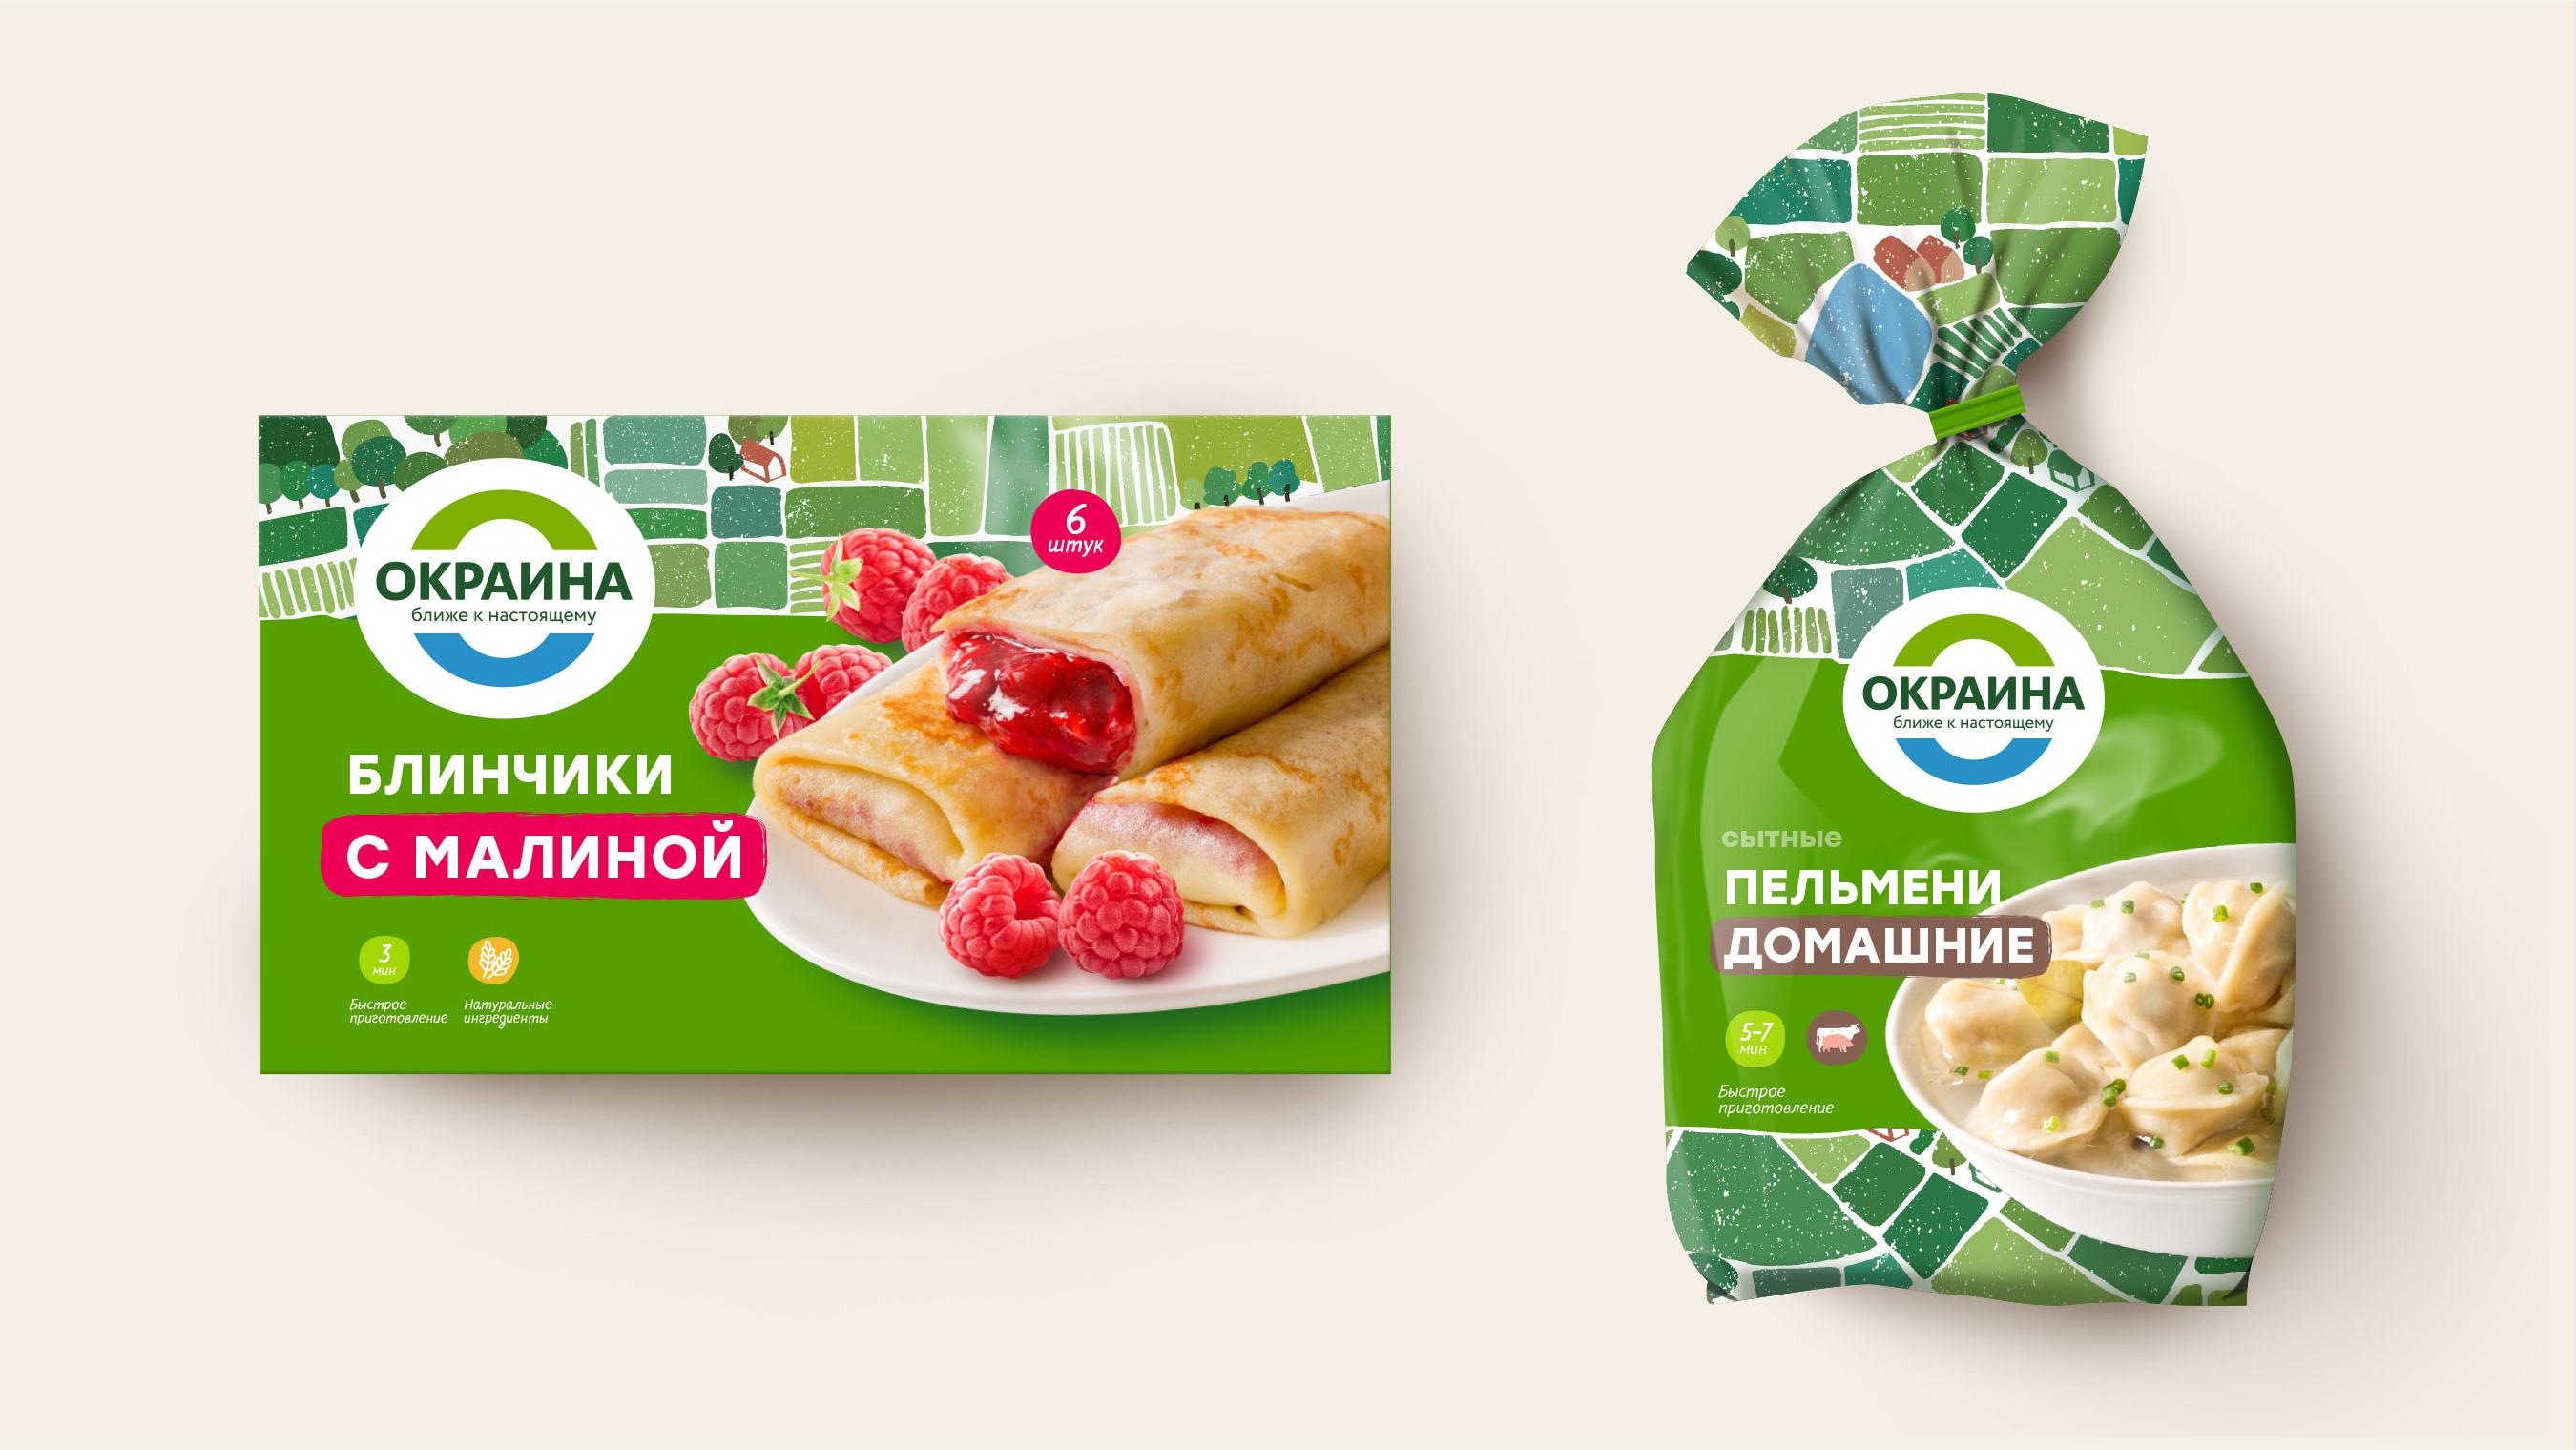 Брендинговое агентство BRANDEXPERT «Остров Свободы» разработало дизайн упаковки, который отражает прекрасный вкус продукции бренда